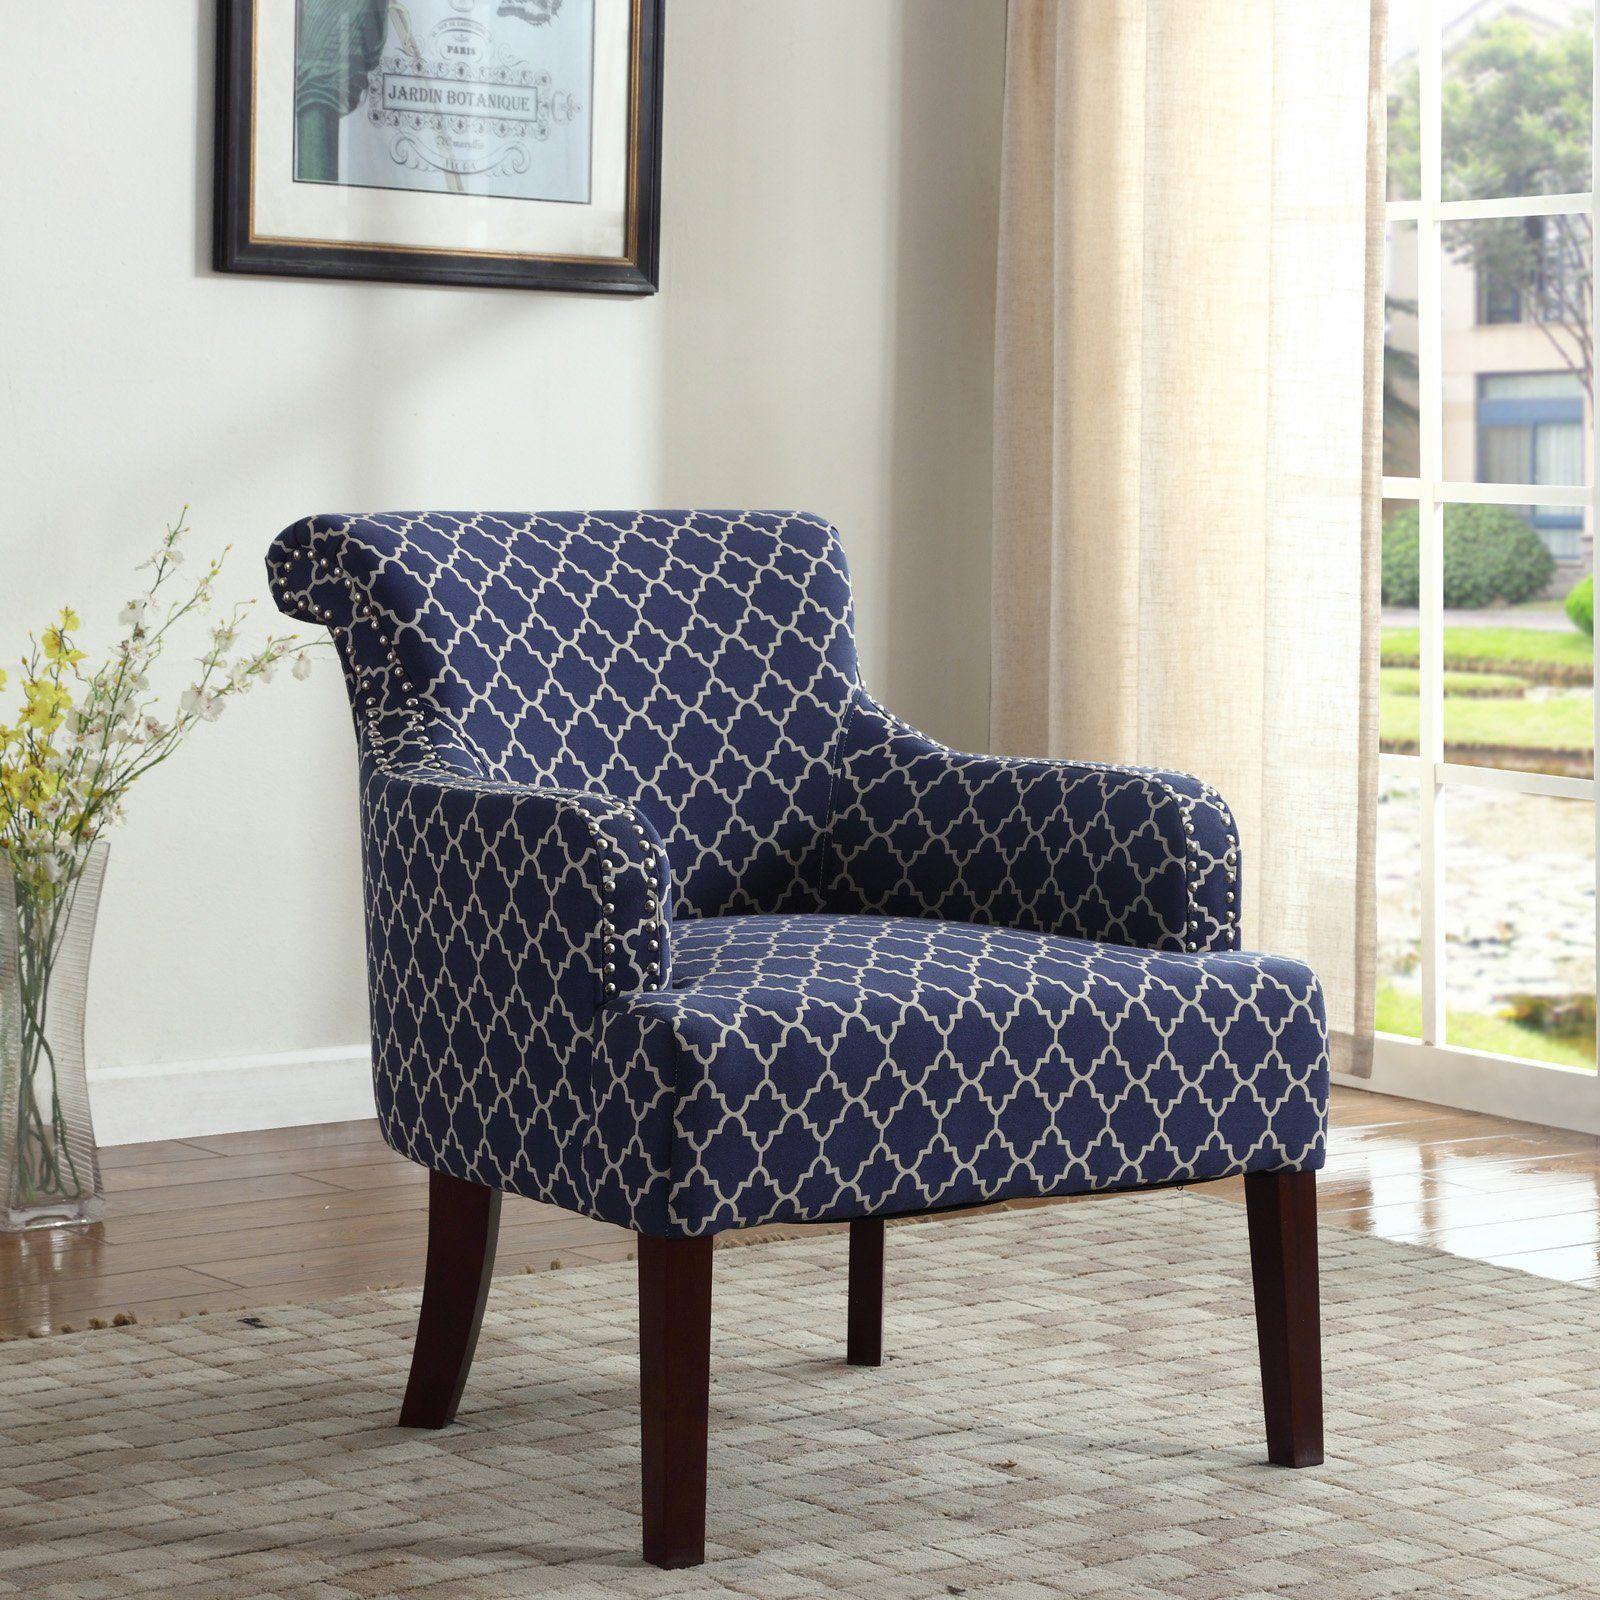 Best Master Furniture Regency Teal Floral Living Room: Best Master Furniture Regency Blue Ombre Living Room